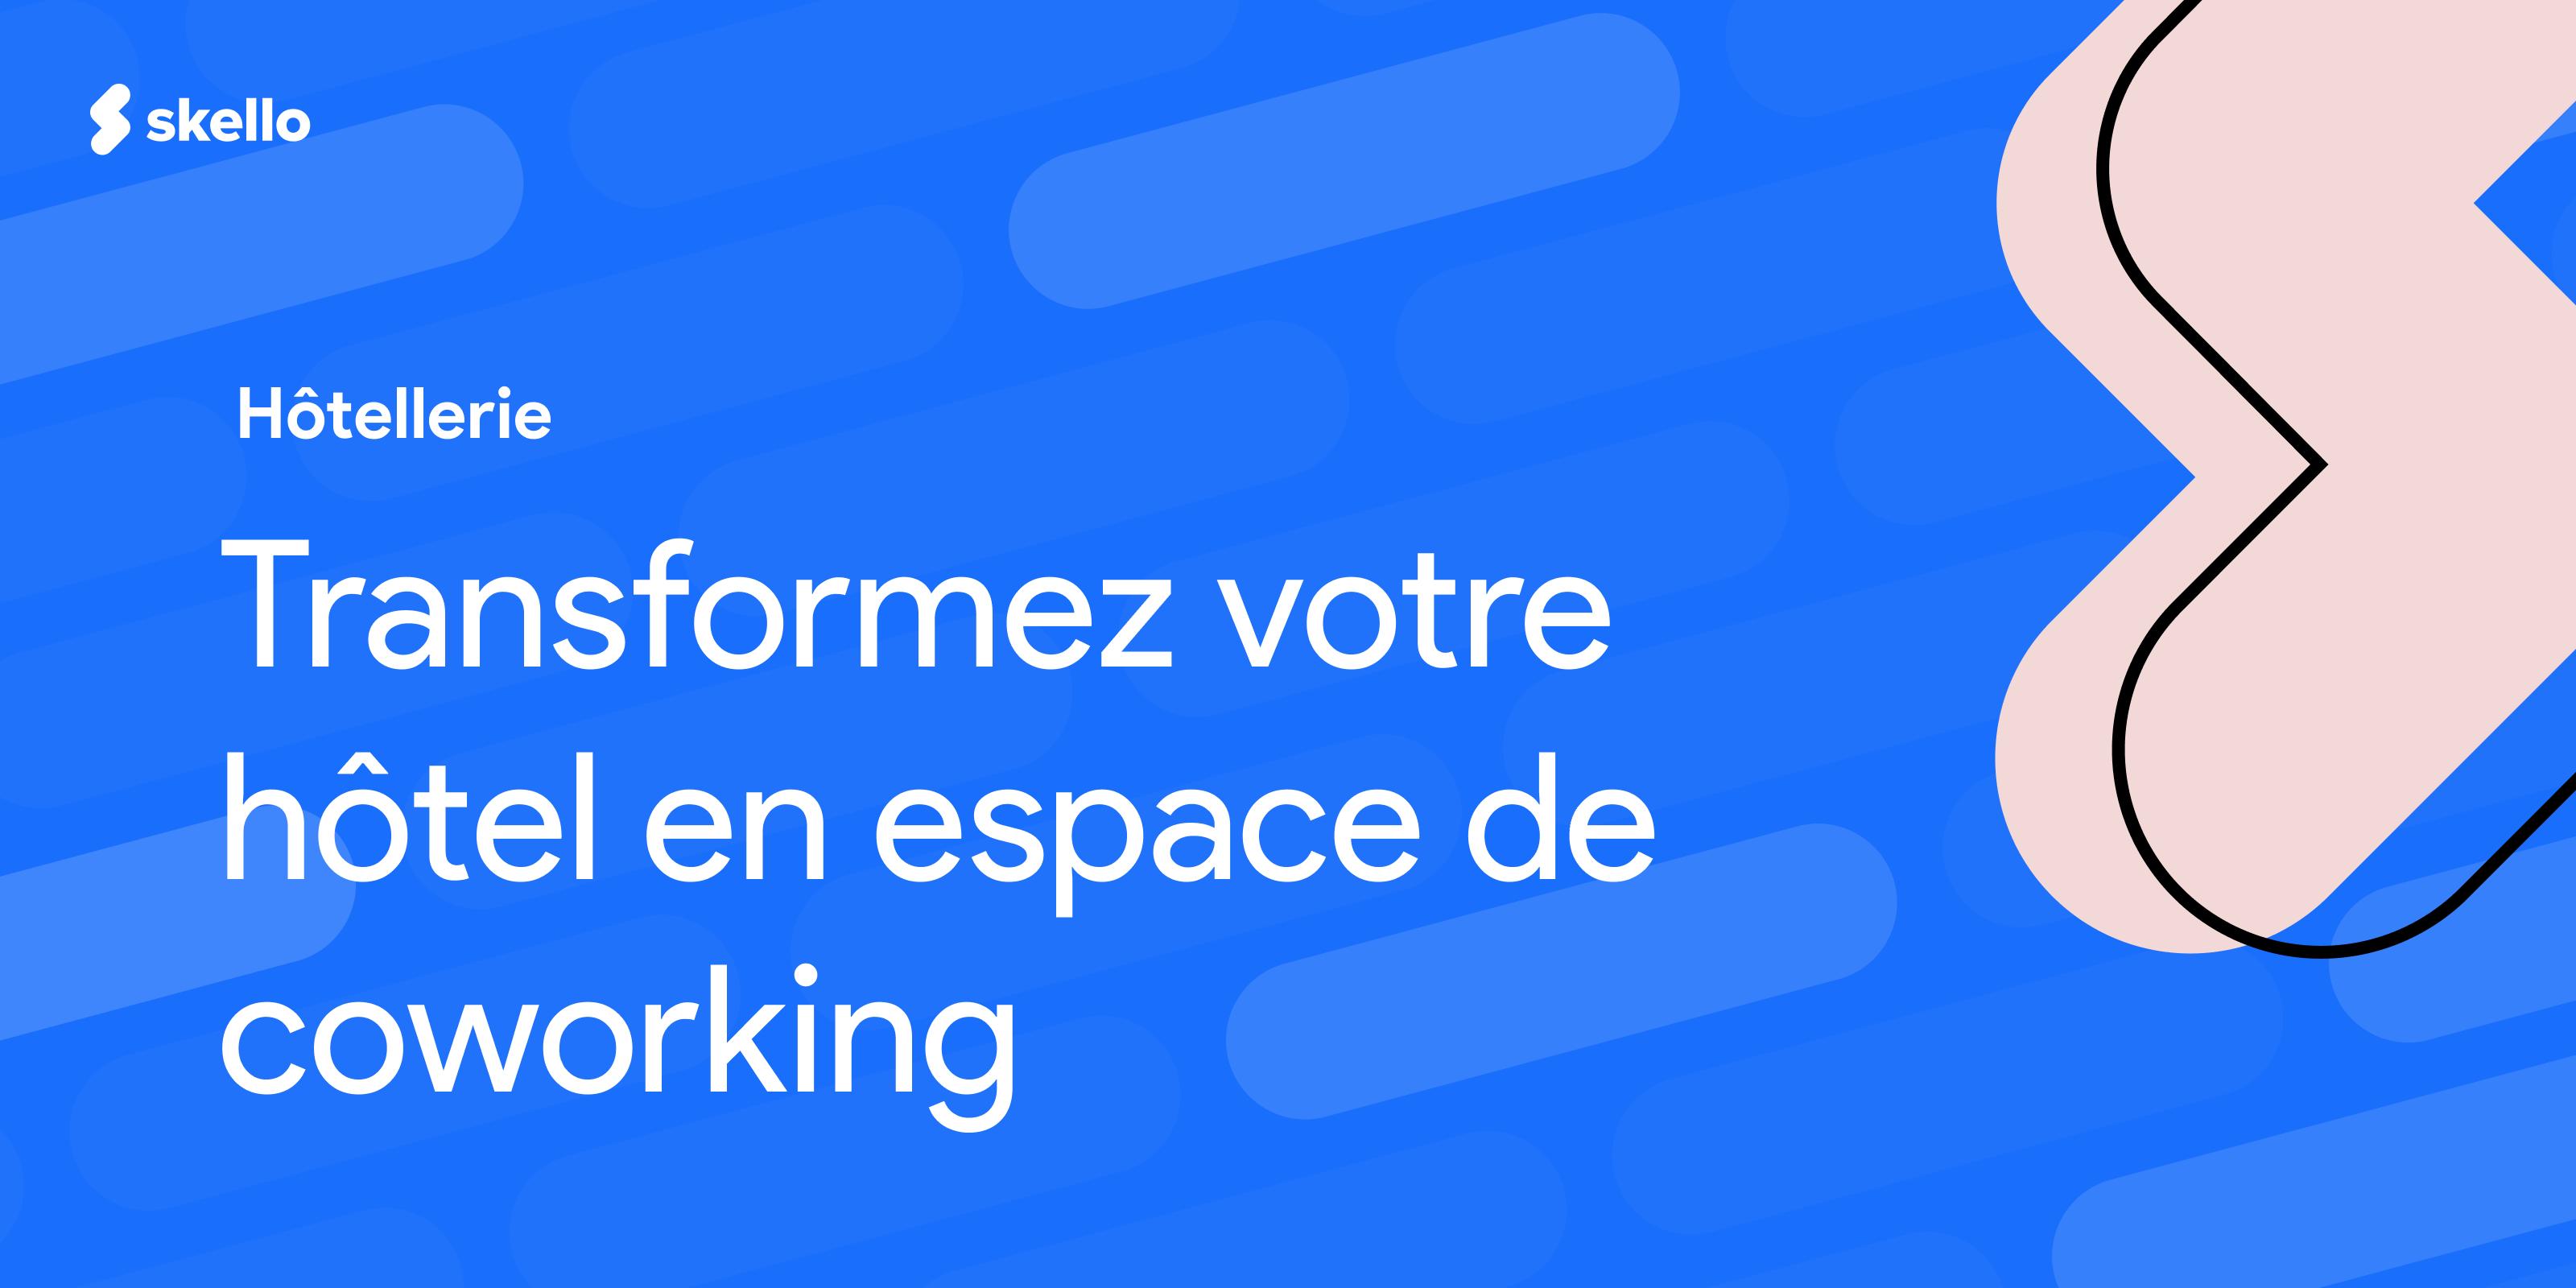 Transformez votre hôtel en espace de coworking